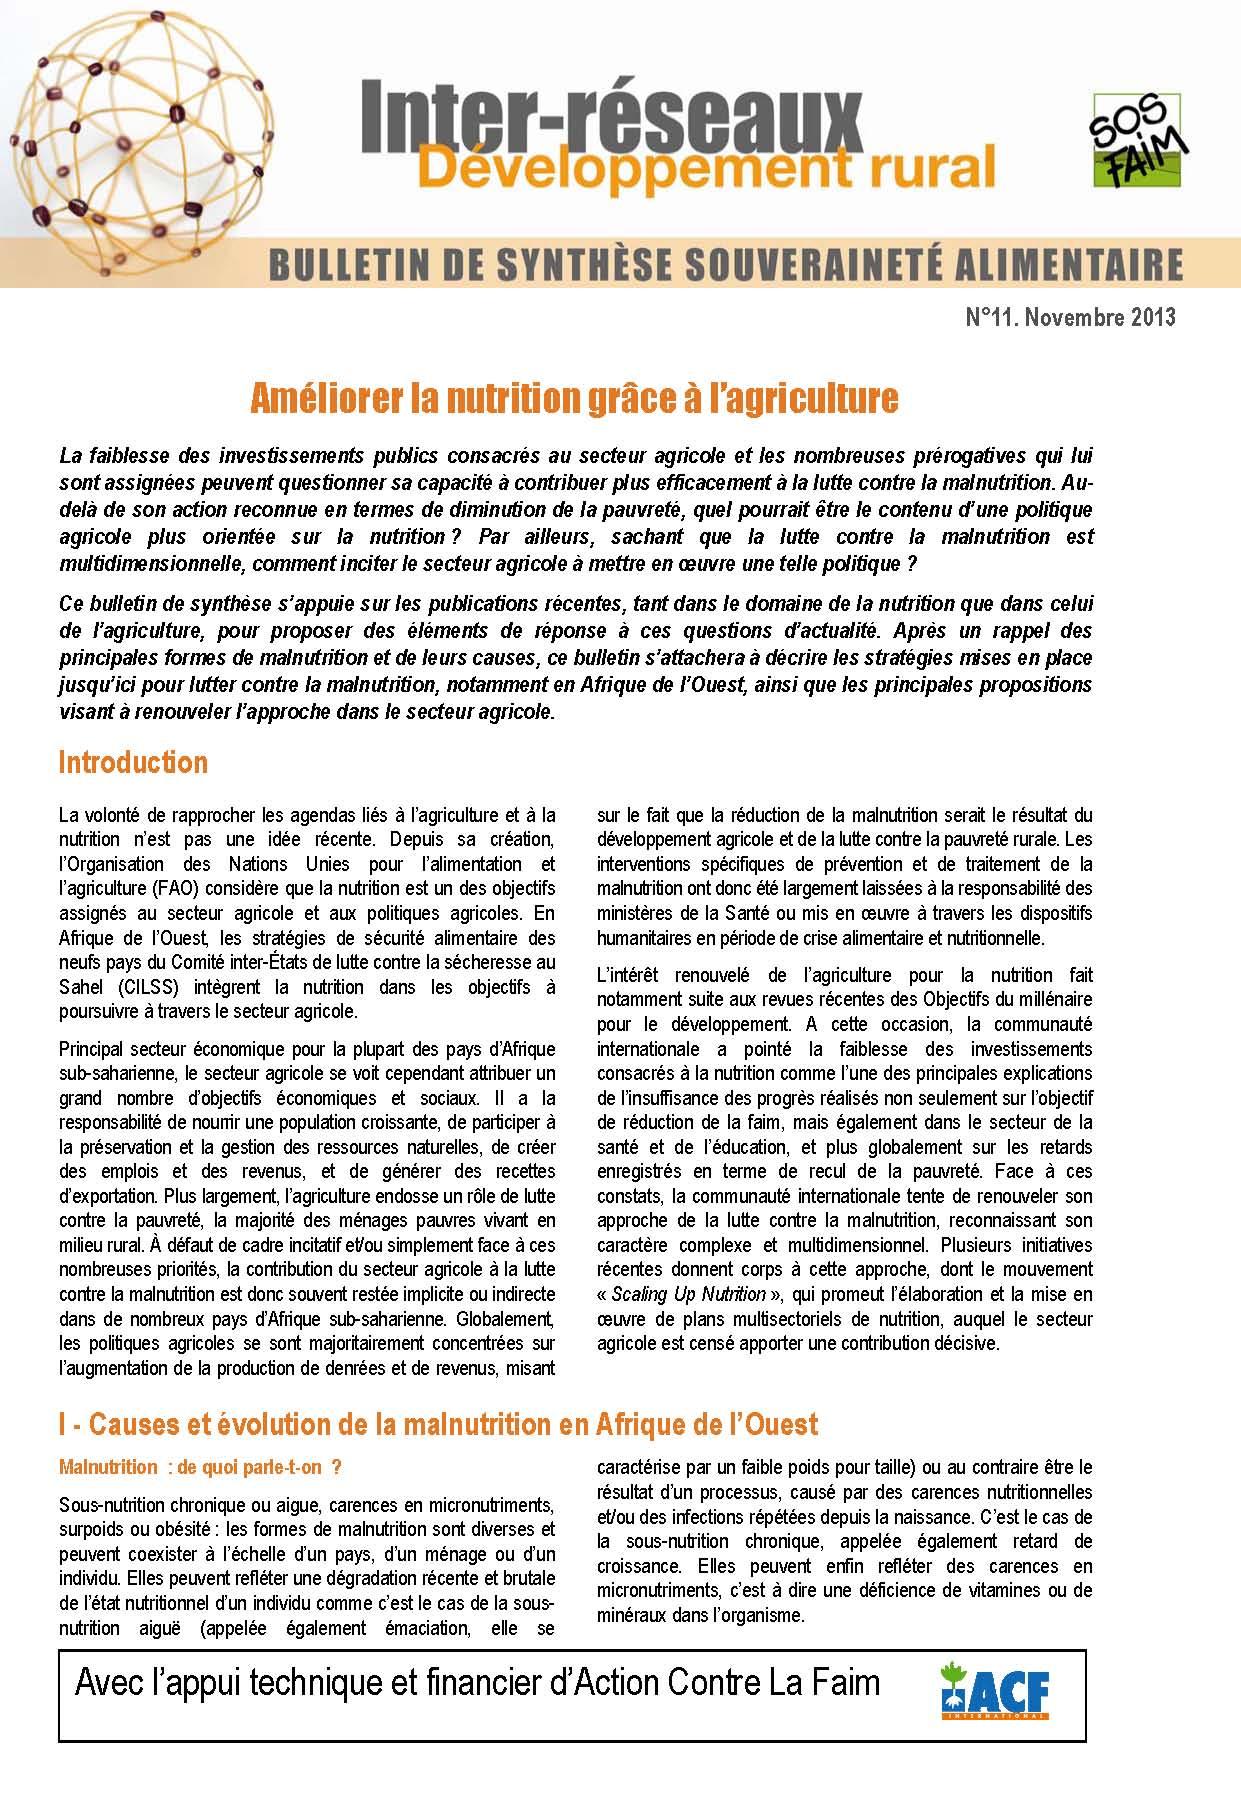 Bulletin de synthèse n°11 - Améliorer la nutrition grâce à l'agriculture